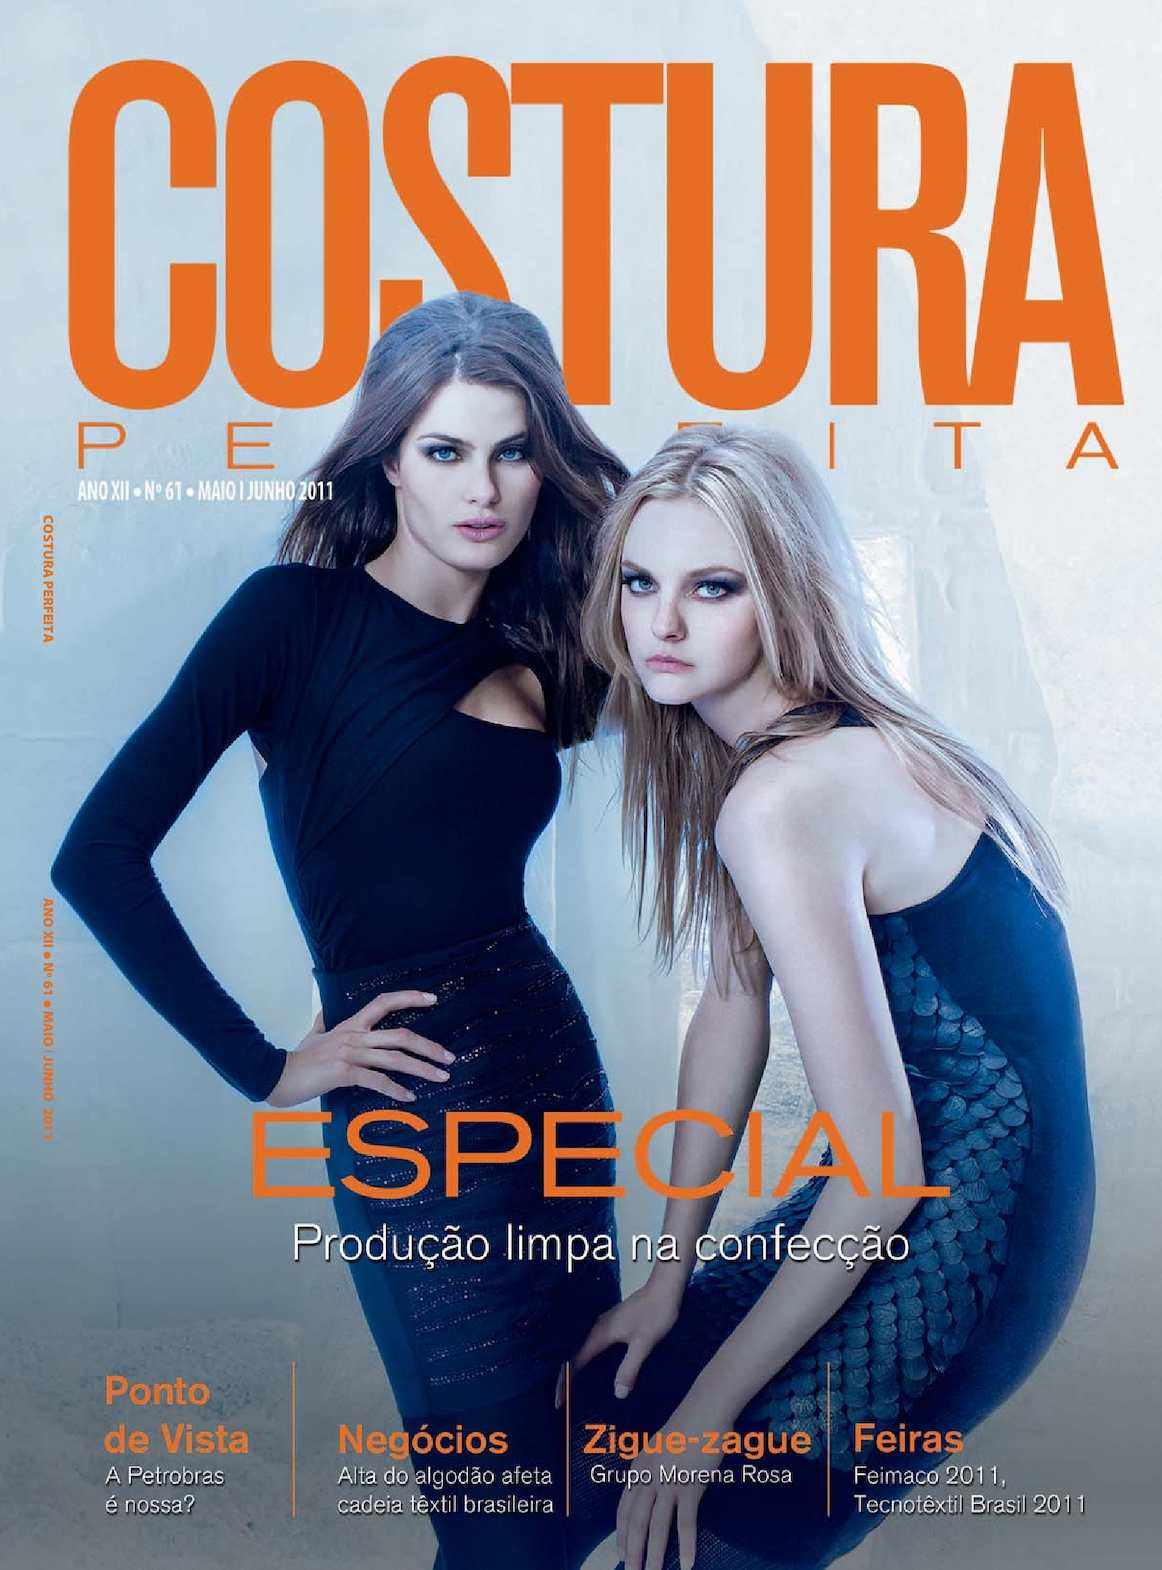 6023ccb132 Calaméo - Revista Costura Perfeita Edição Ano XII - N61 - Maio-Junho 2011